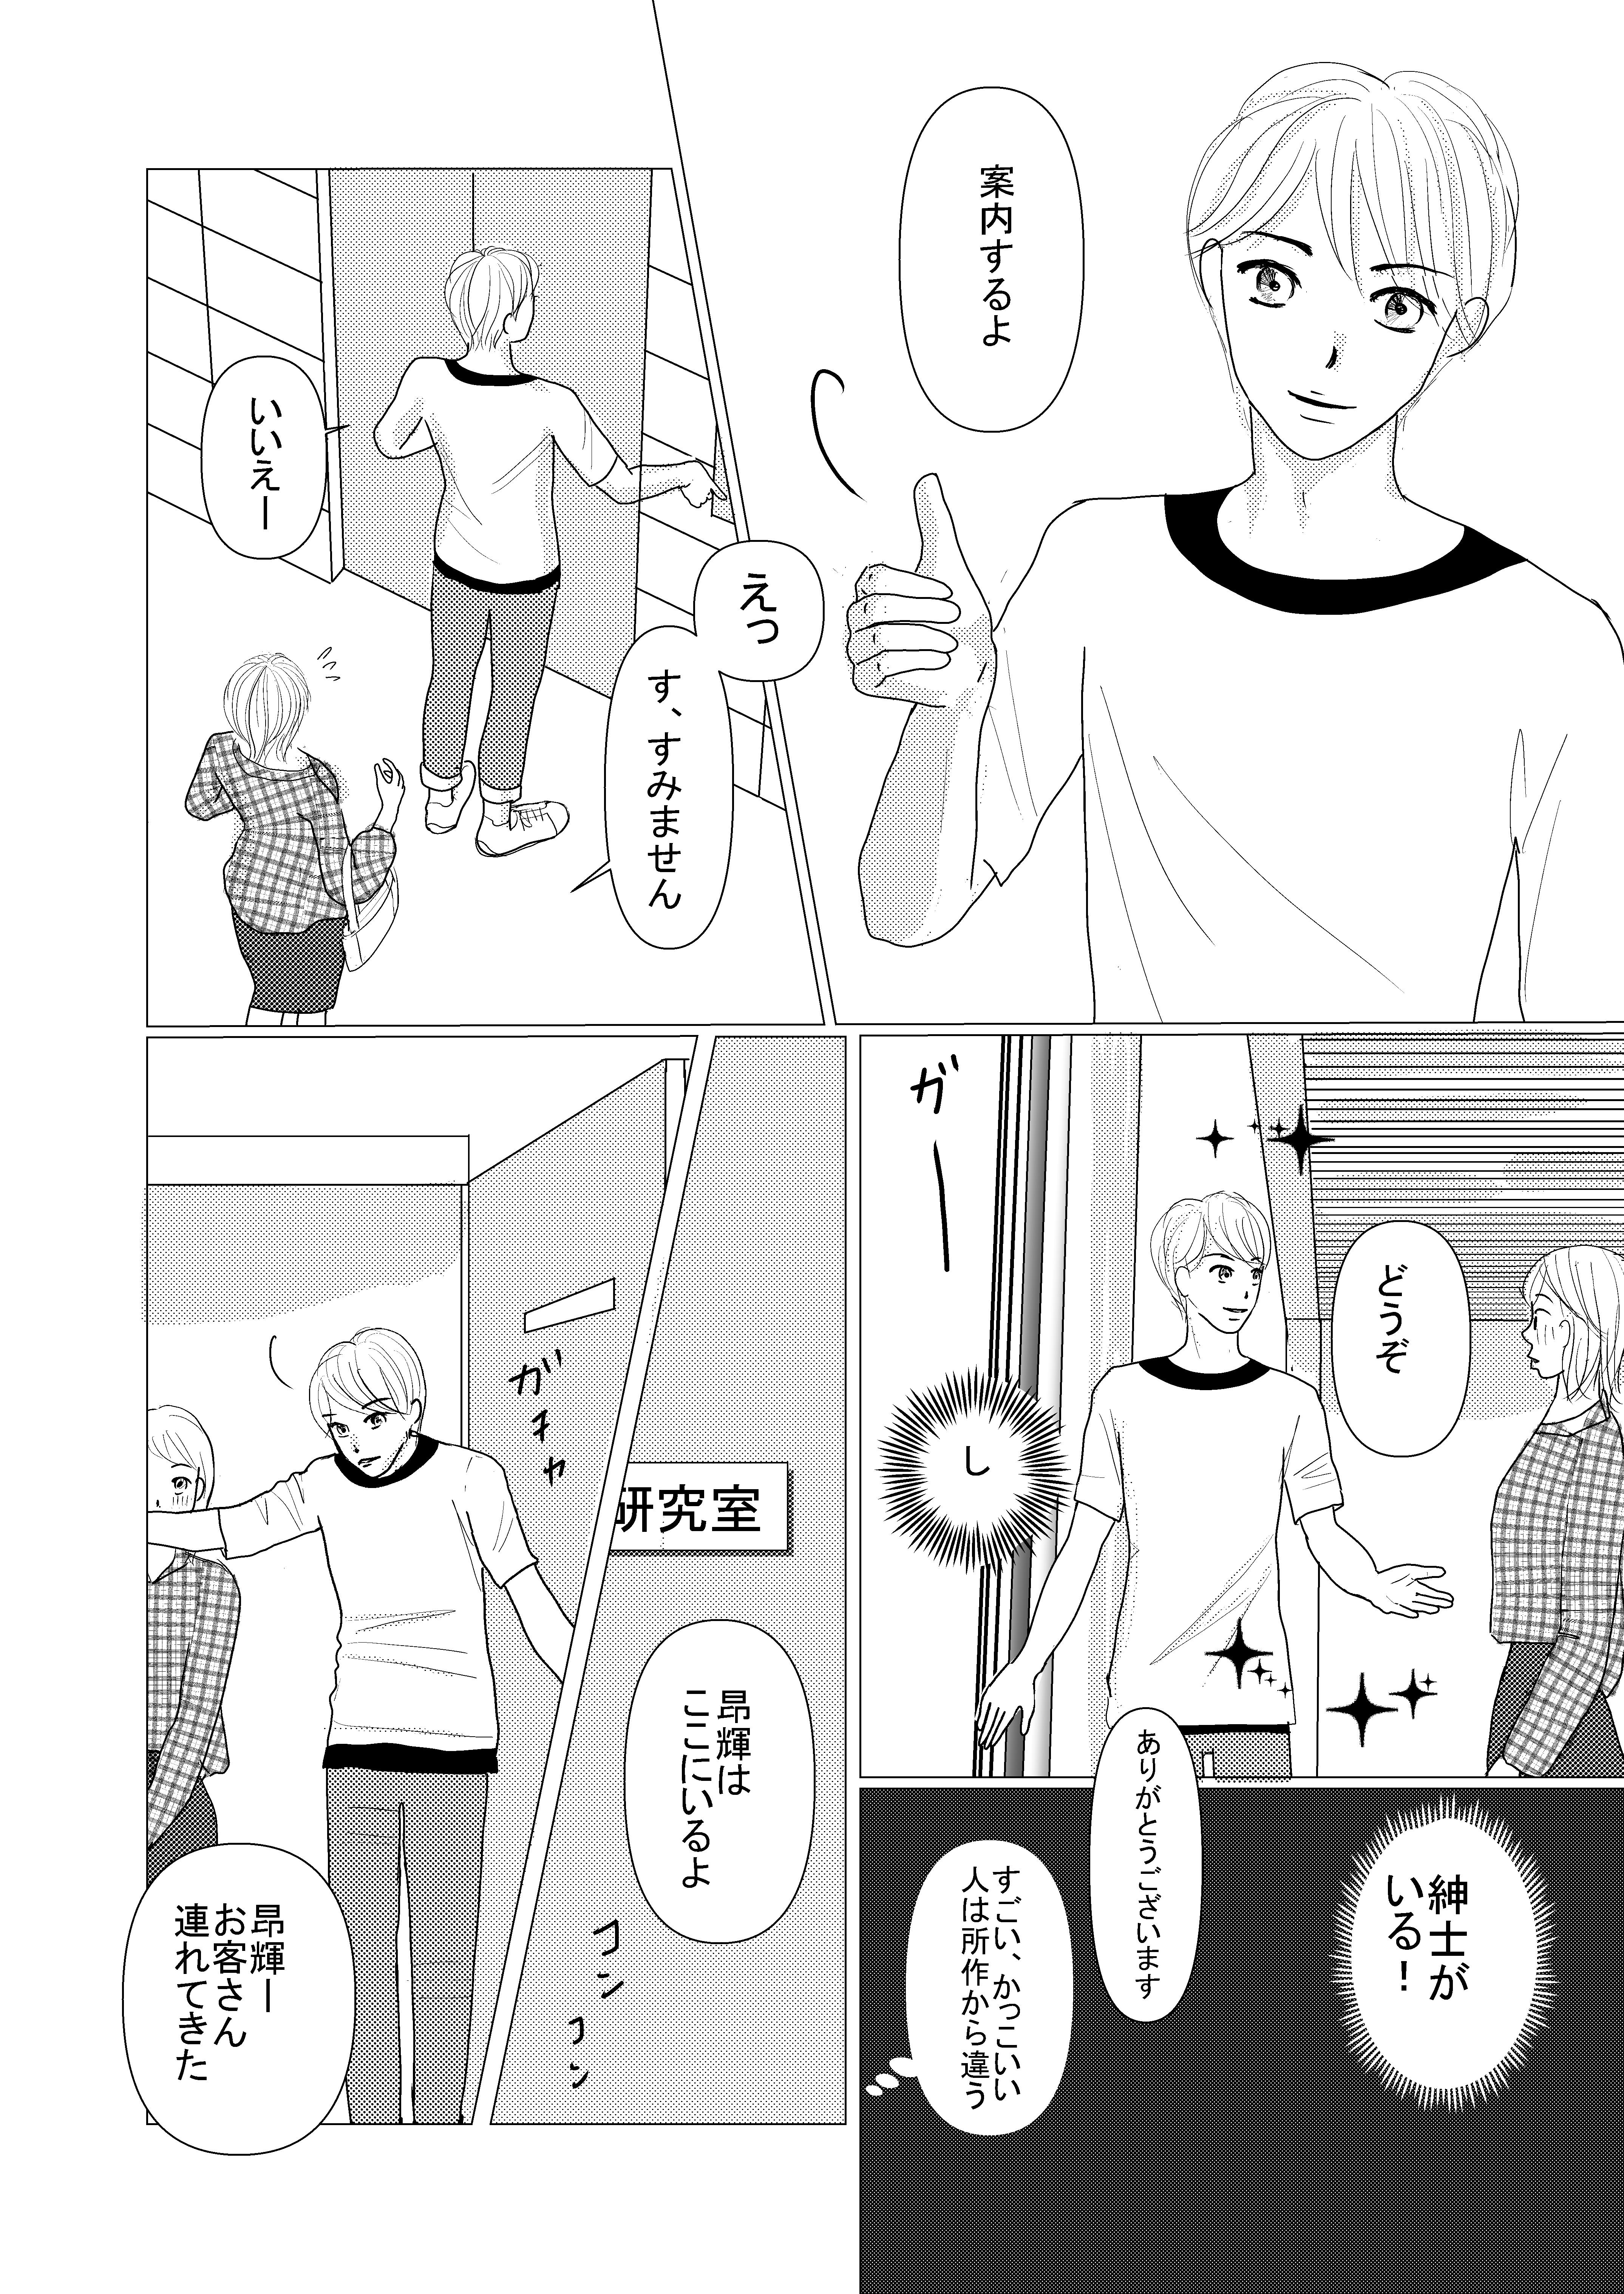 恋愛漫画/大学生/社会人/大学生で初めて付き合う/初めての彼氏/shoujyo manga/米加夢/42ページ